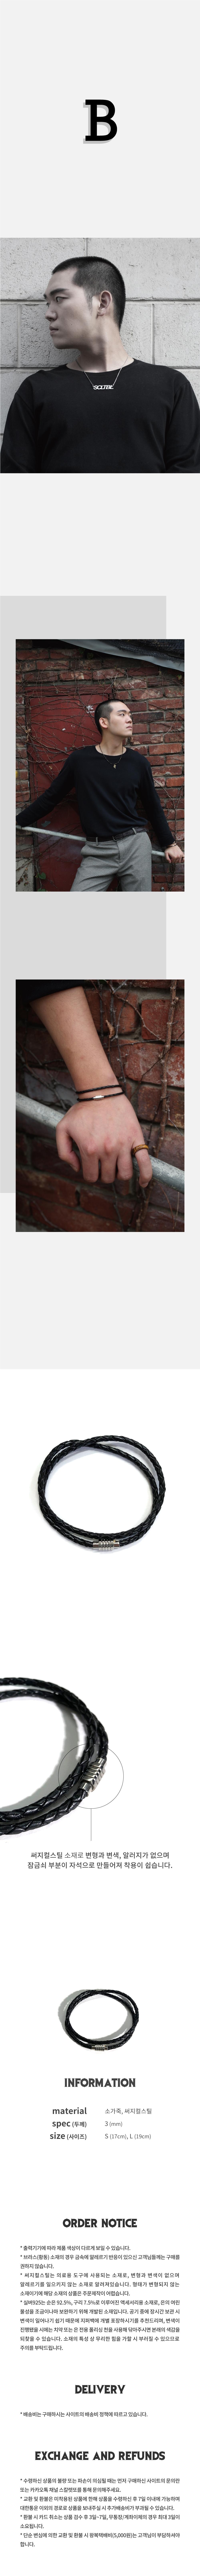 스칼렛또블랙(SCALETTOBLACK) BW001 [써지컬스틸] 베이직 레이어드 레더 팔찌